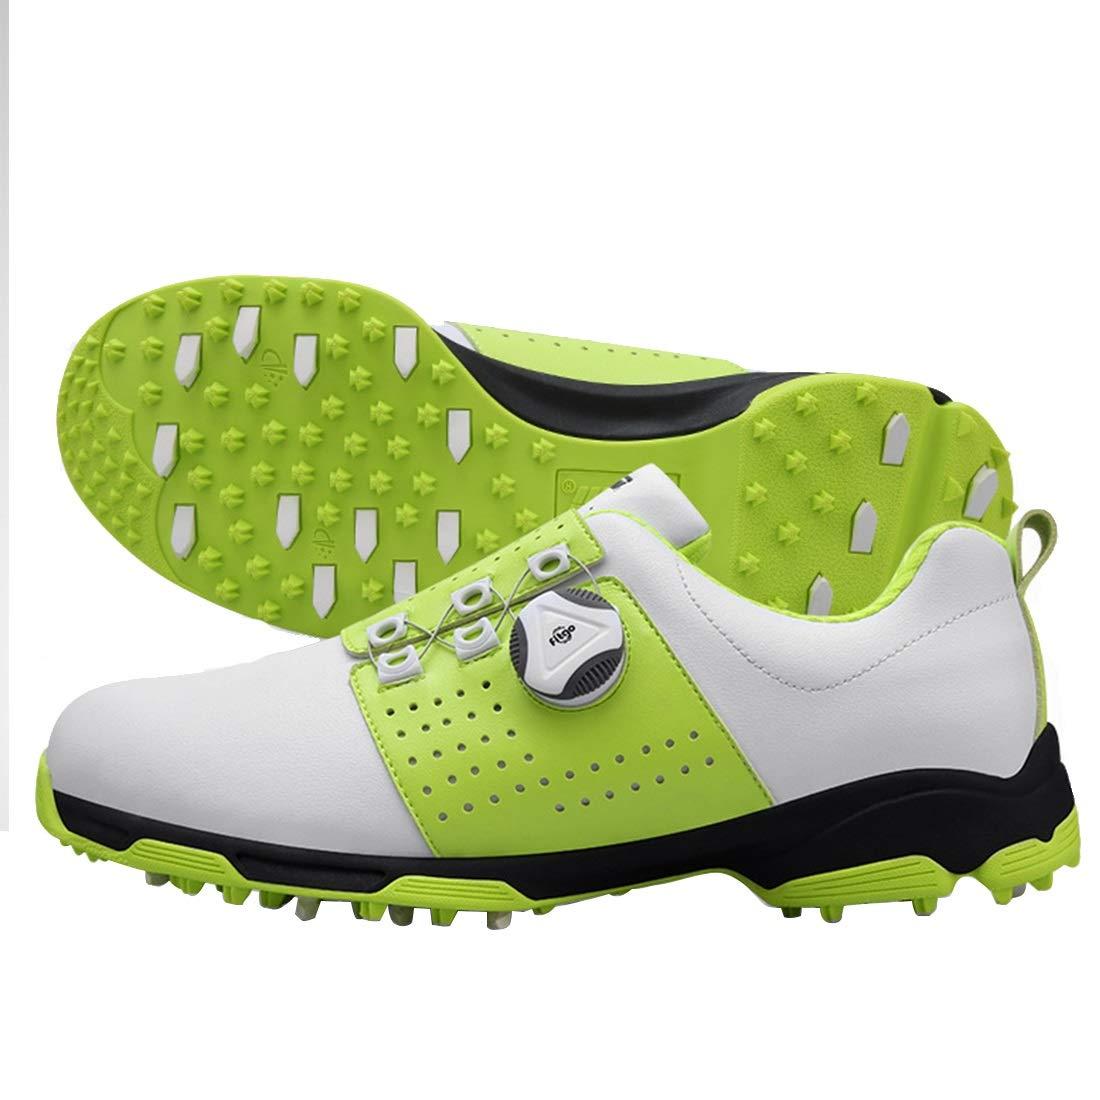 HappyPlatform Golfschuhe Spikes weniger Schuhe Wasserdichte Anti-Rutsch-Abriebfestigkeit (Farbe Drehen Knopf im Freien (Farbe Anti-Rutsch-Abriebfestigkeit : ROT, Größe : 39) Grün e1b2e5